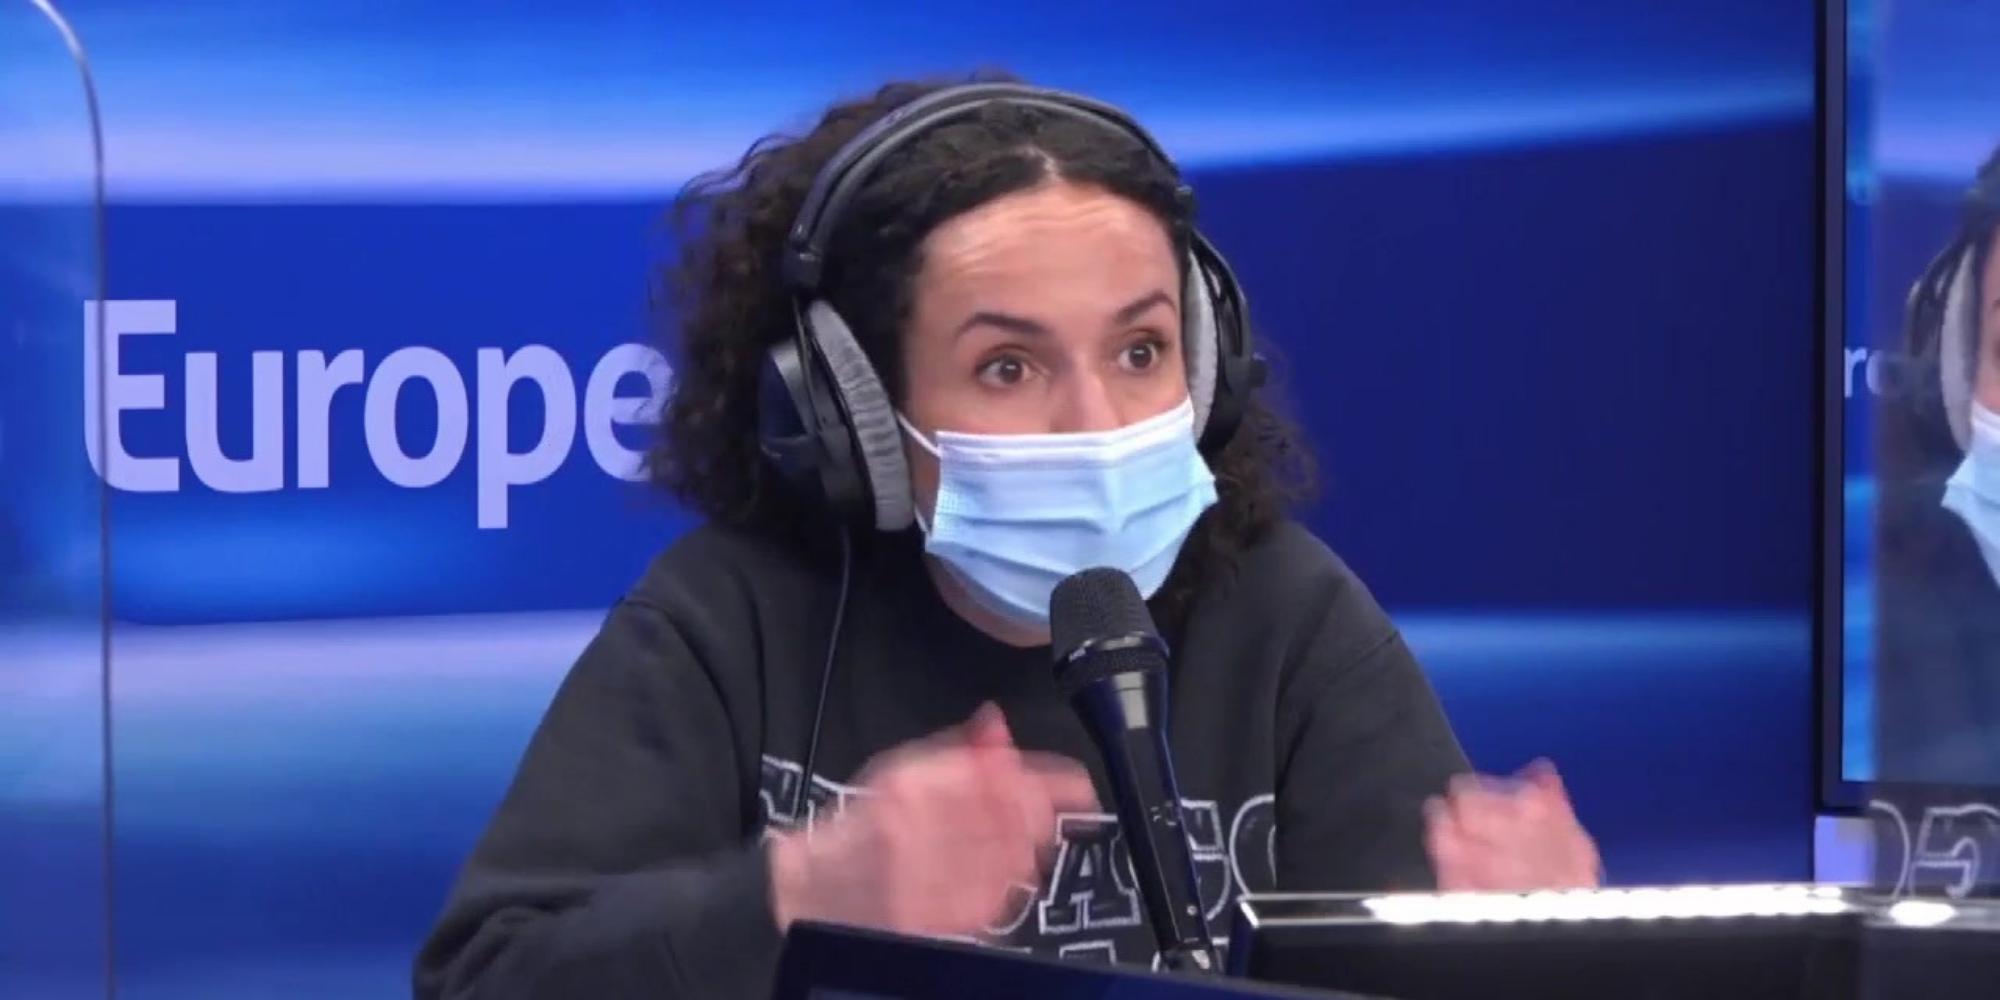 L'humoriste Amelle Chahbi raconte comment elle entrait en douce en boîte de nuit